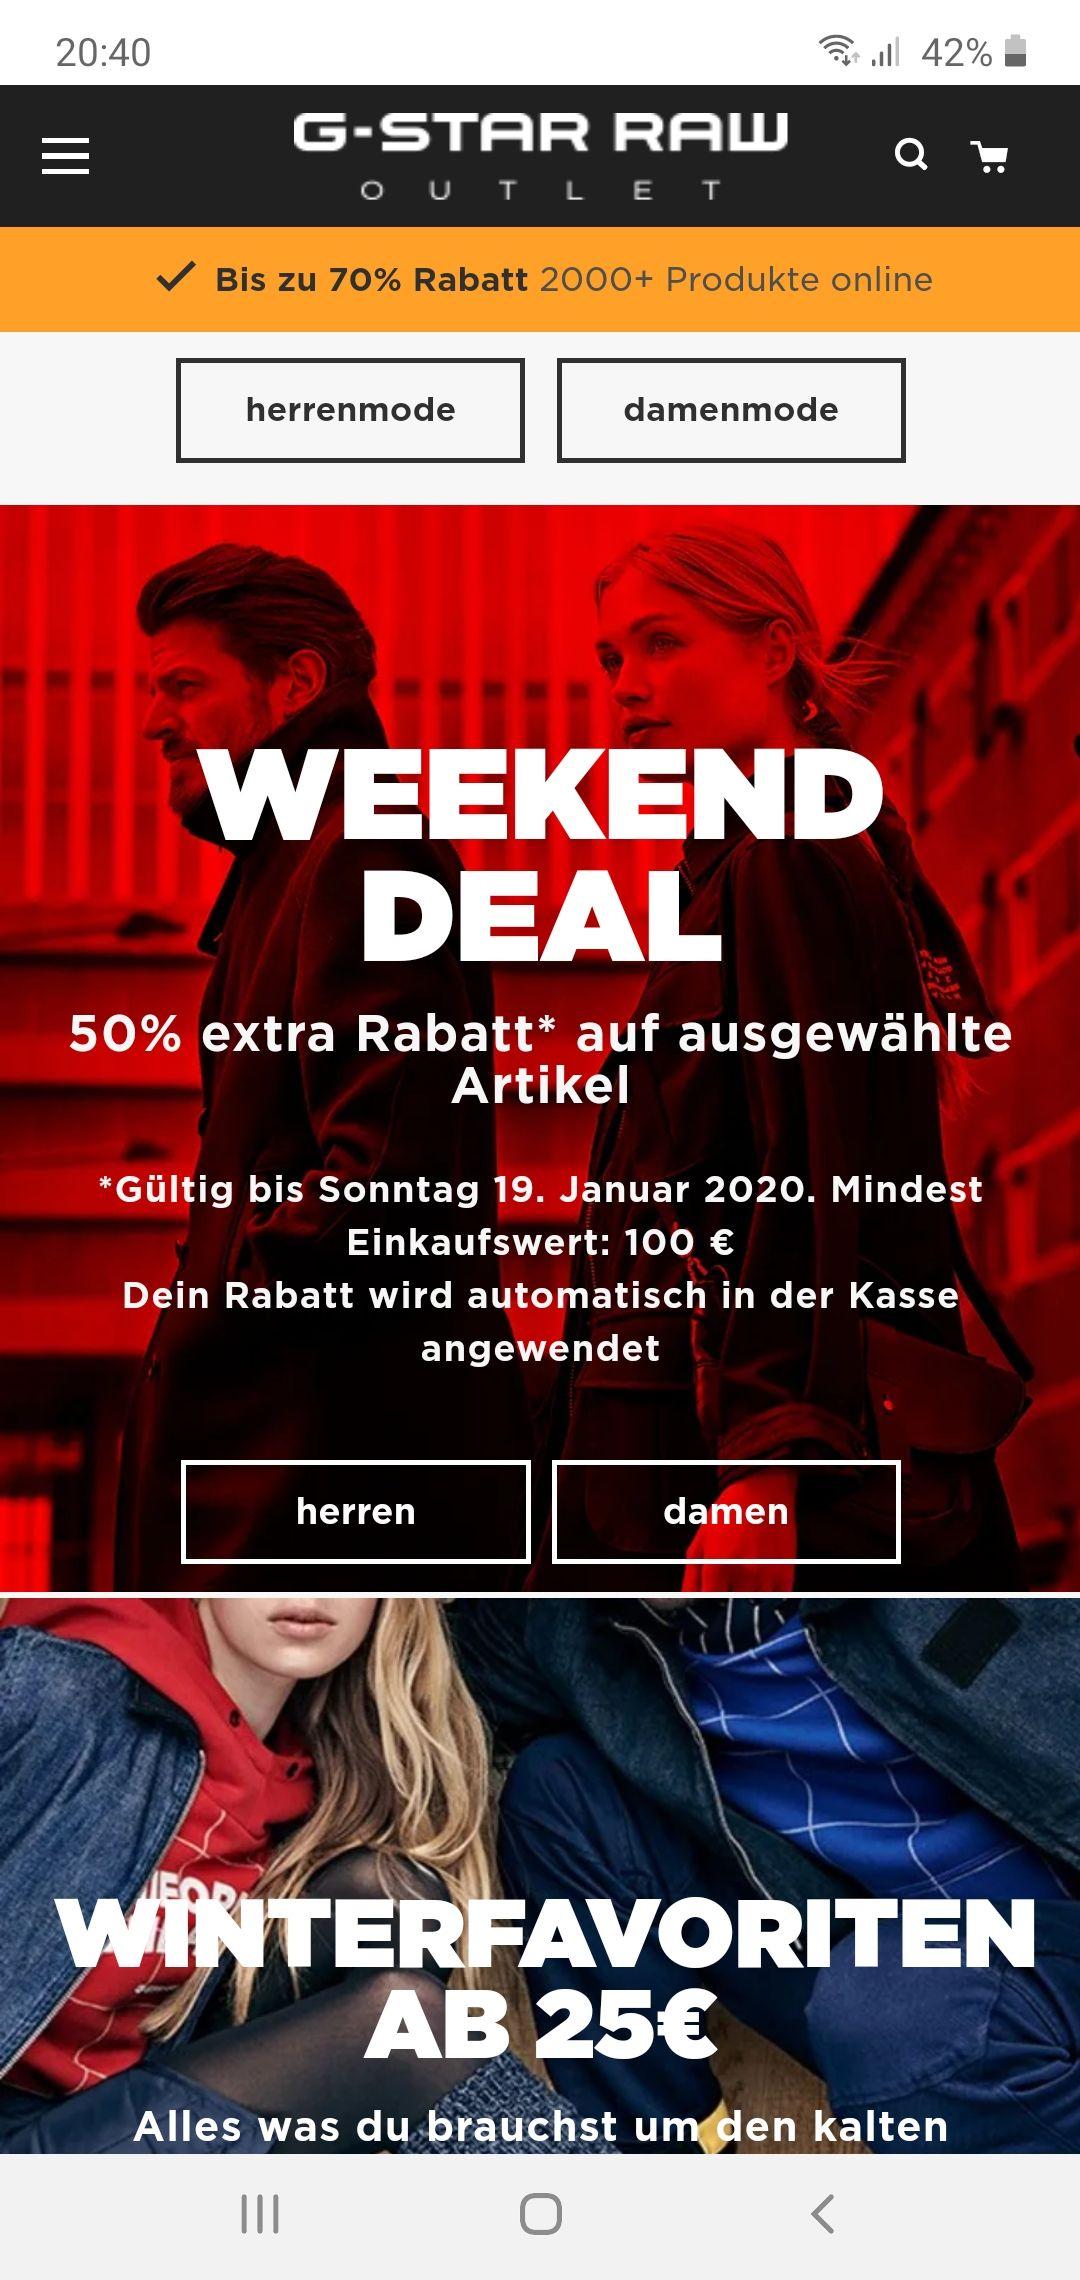 G-STAR Outlet Store 50% extra Rabatt ab 100 Euro Einkaufswert